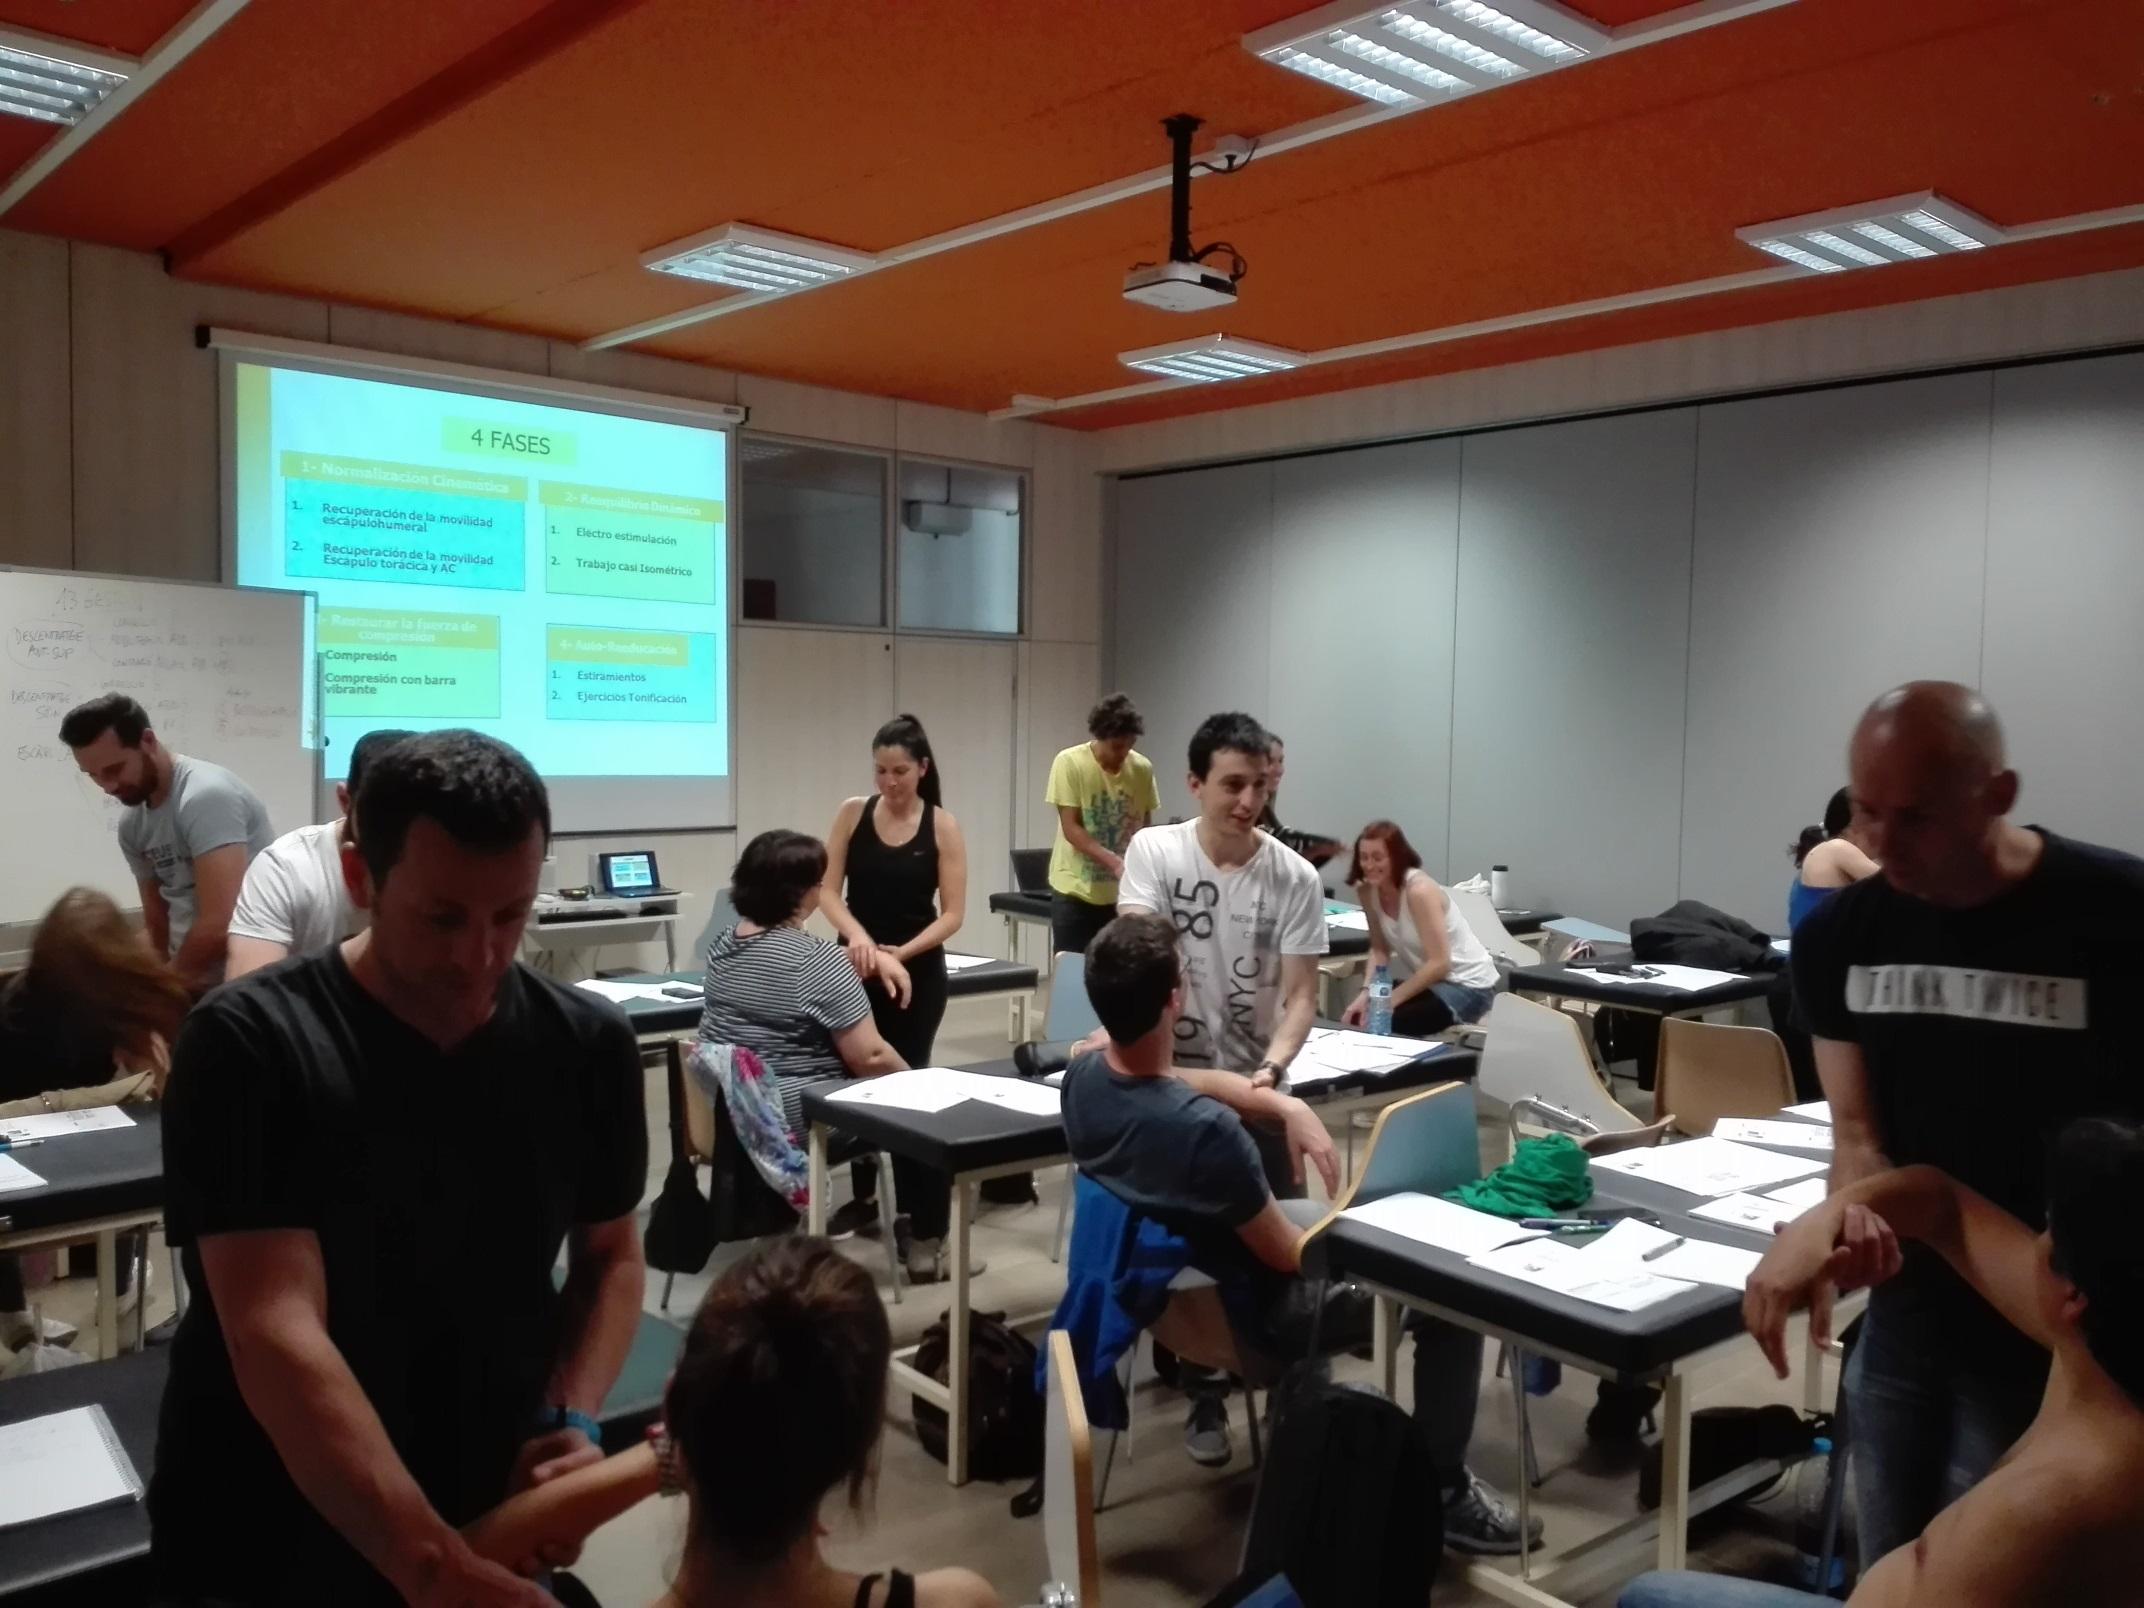 Set novetats en l'oferta de formació continuada de Fisioteràpia d'EUSES 2017/18, amb onze cursos i un seminari